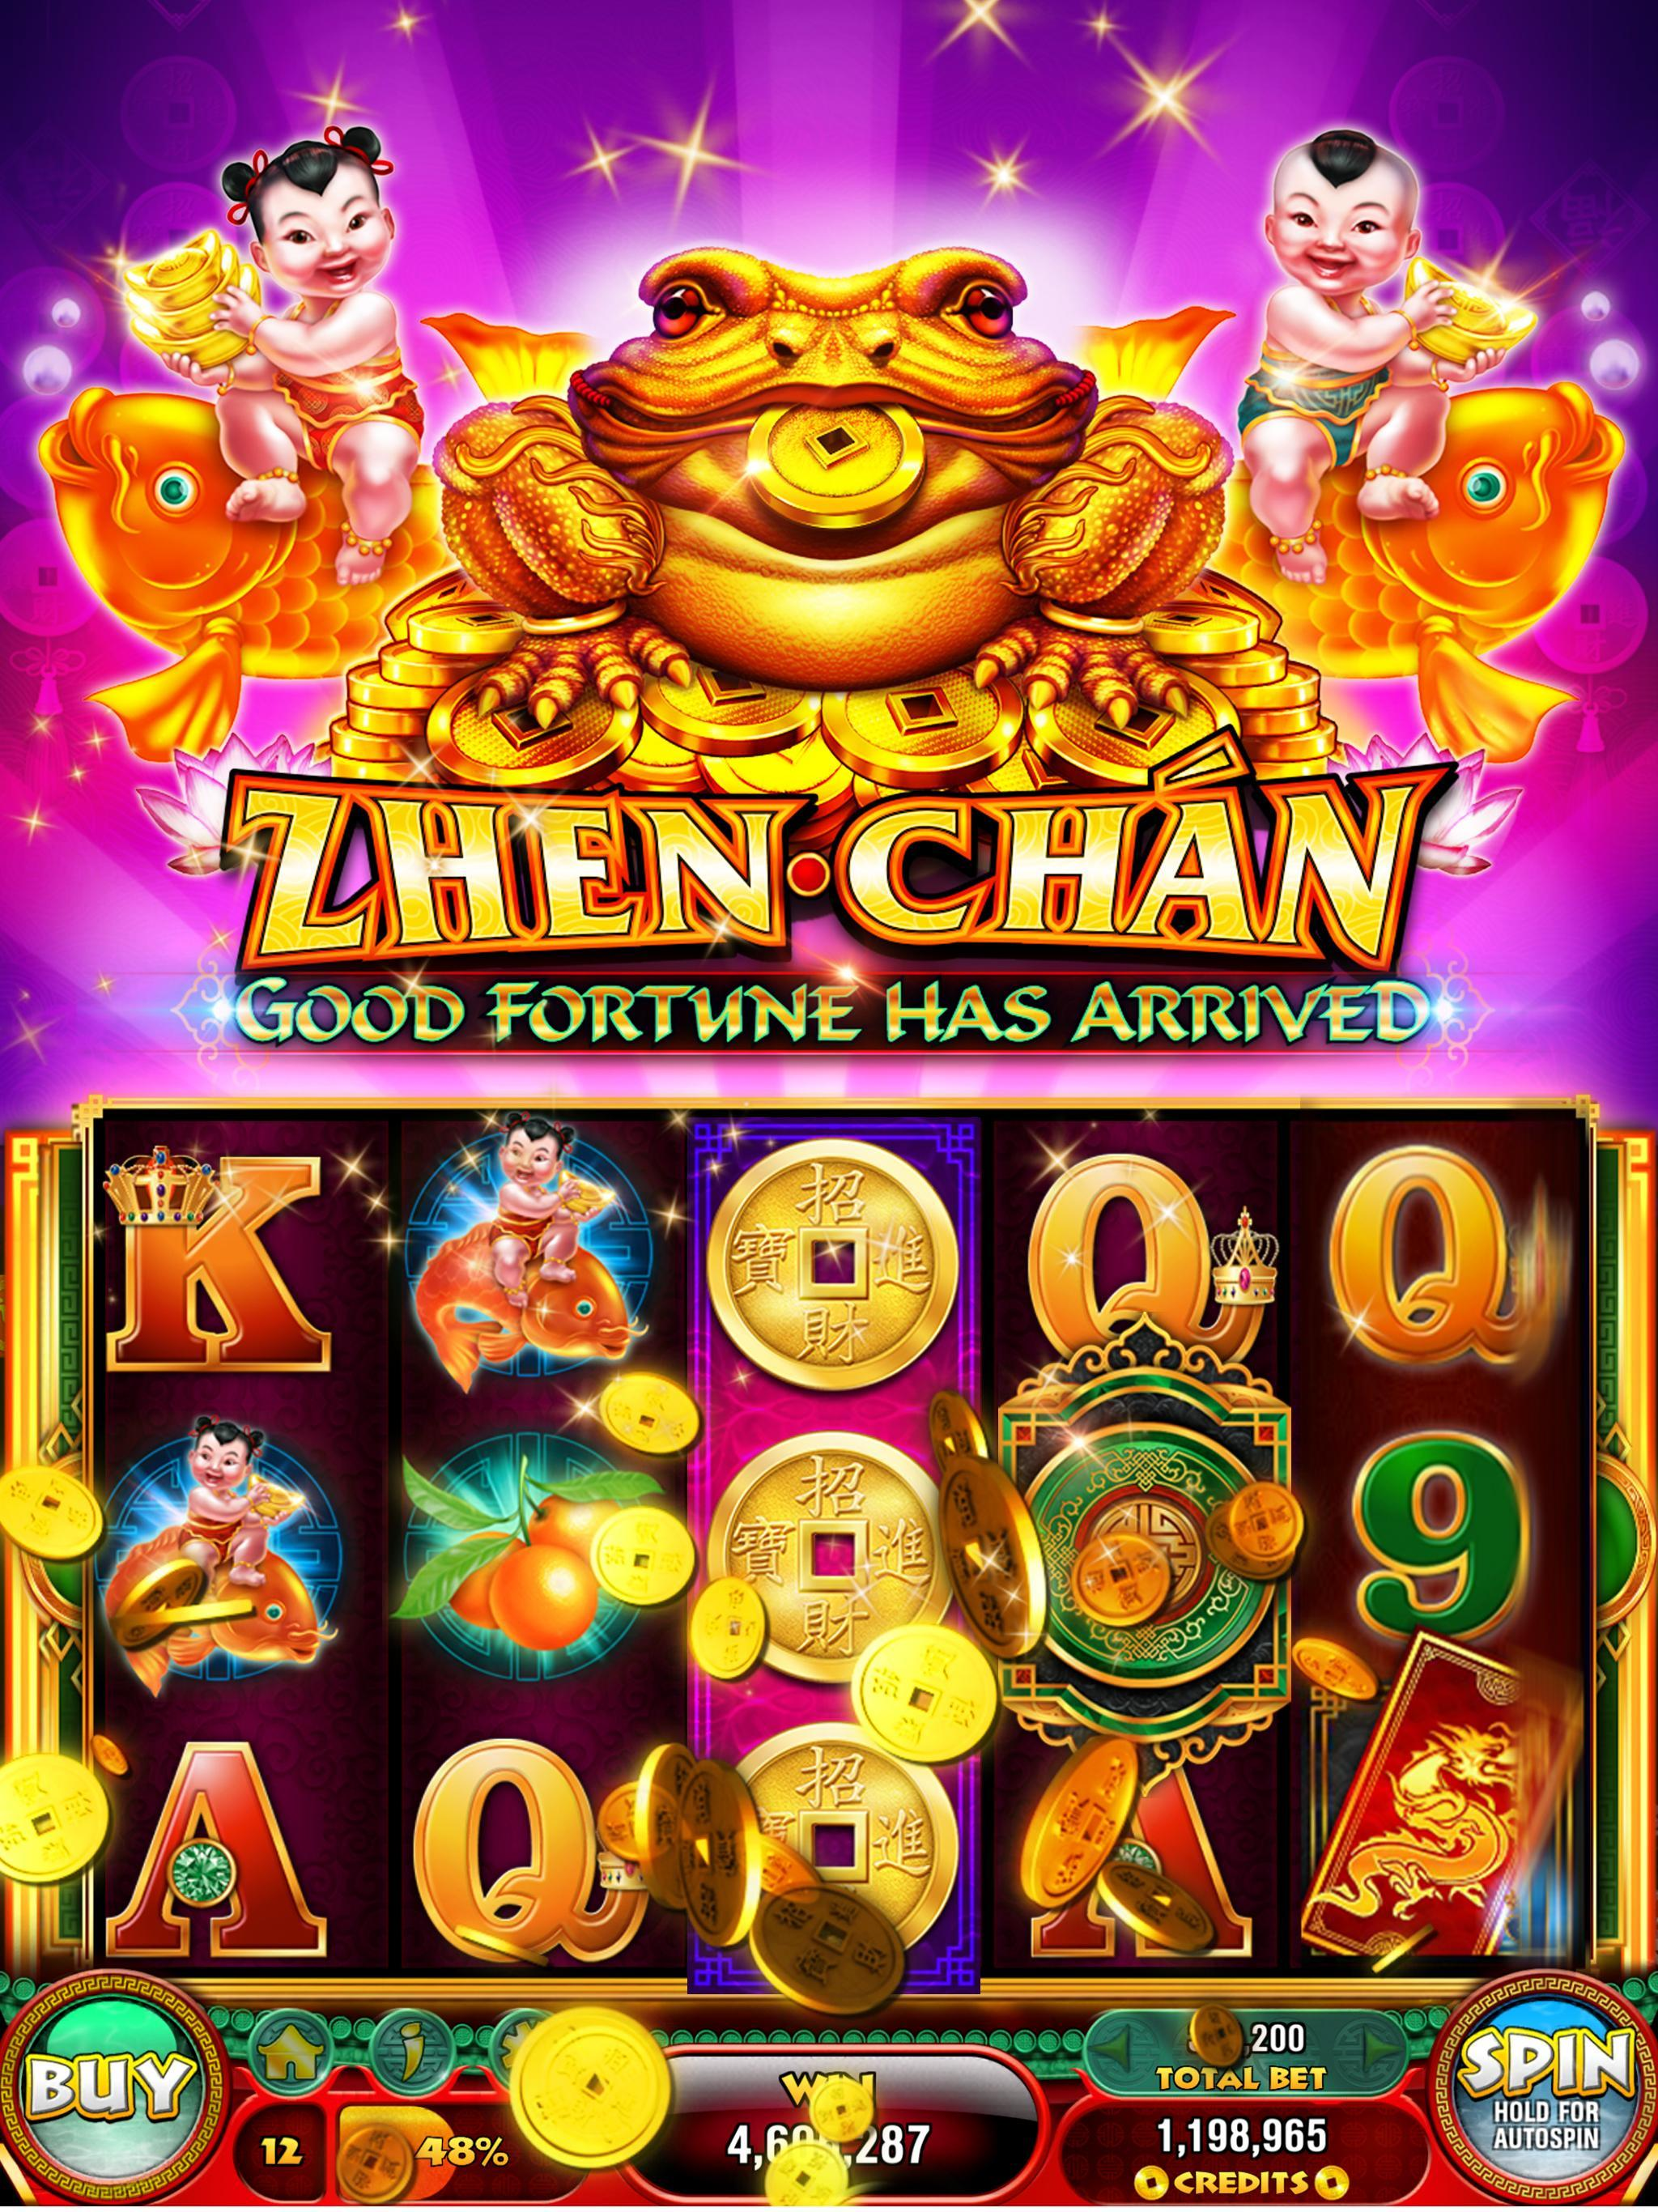 88 Fortunes Casino Games & Free Slot Machines 3.2.38 Screenshot 15